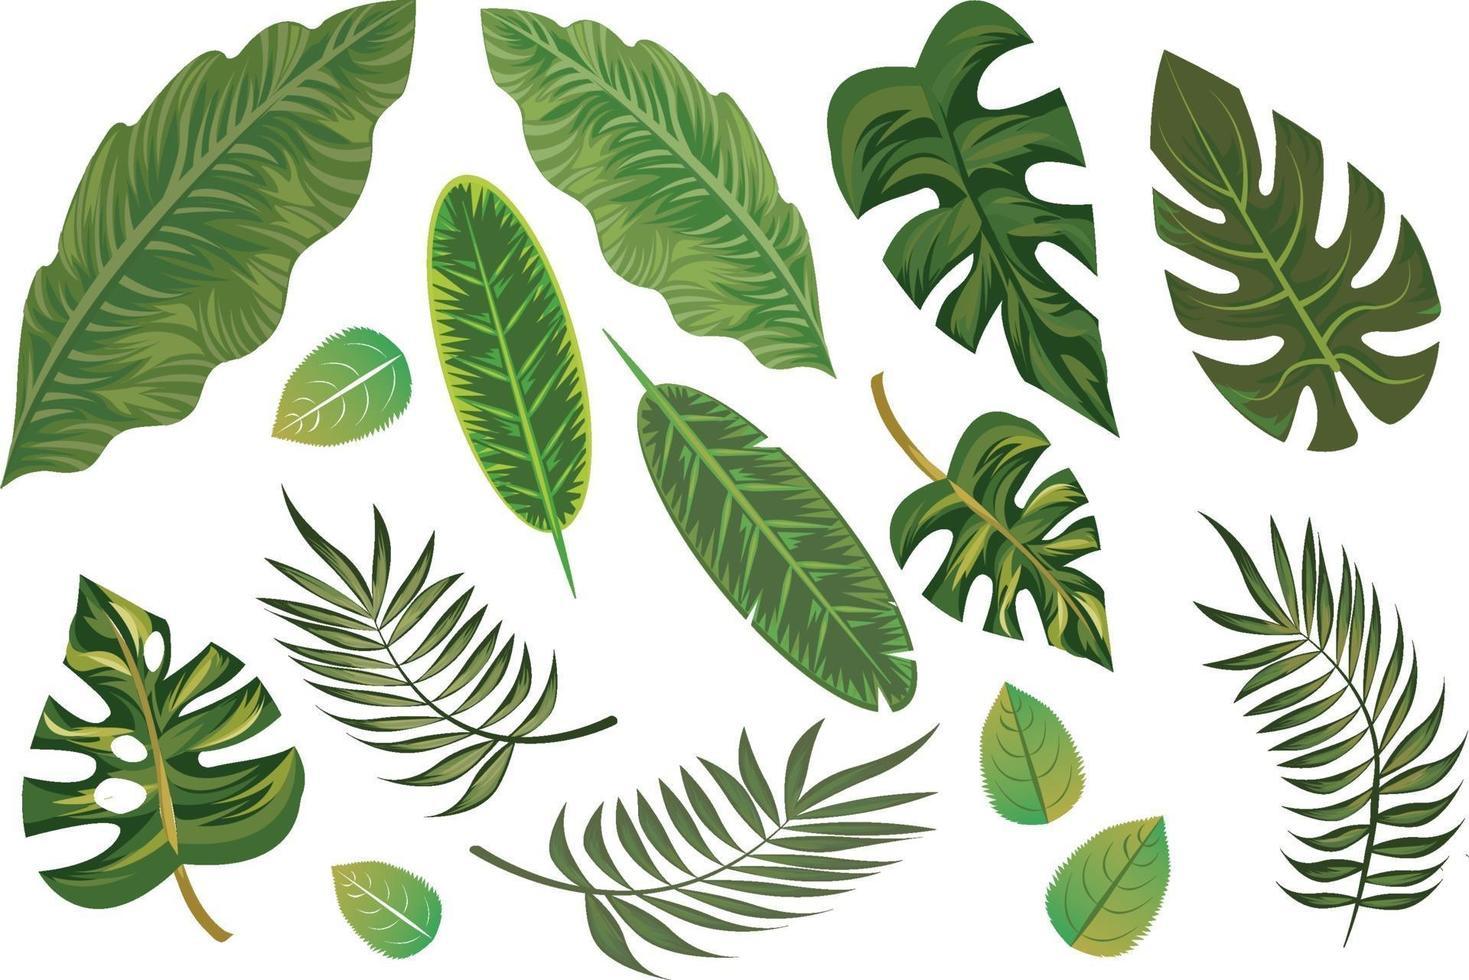 Elementos de folhas tropicais desenhados à mão isolados vetor